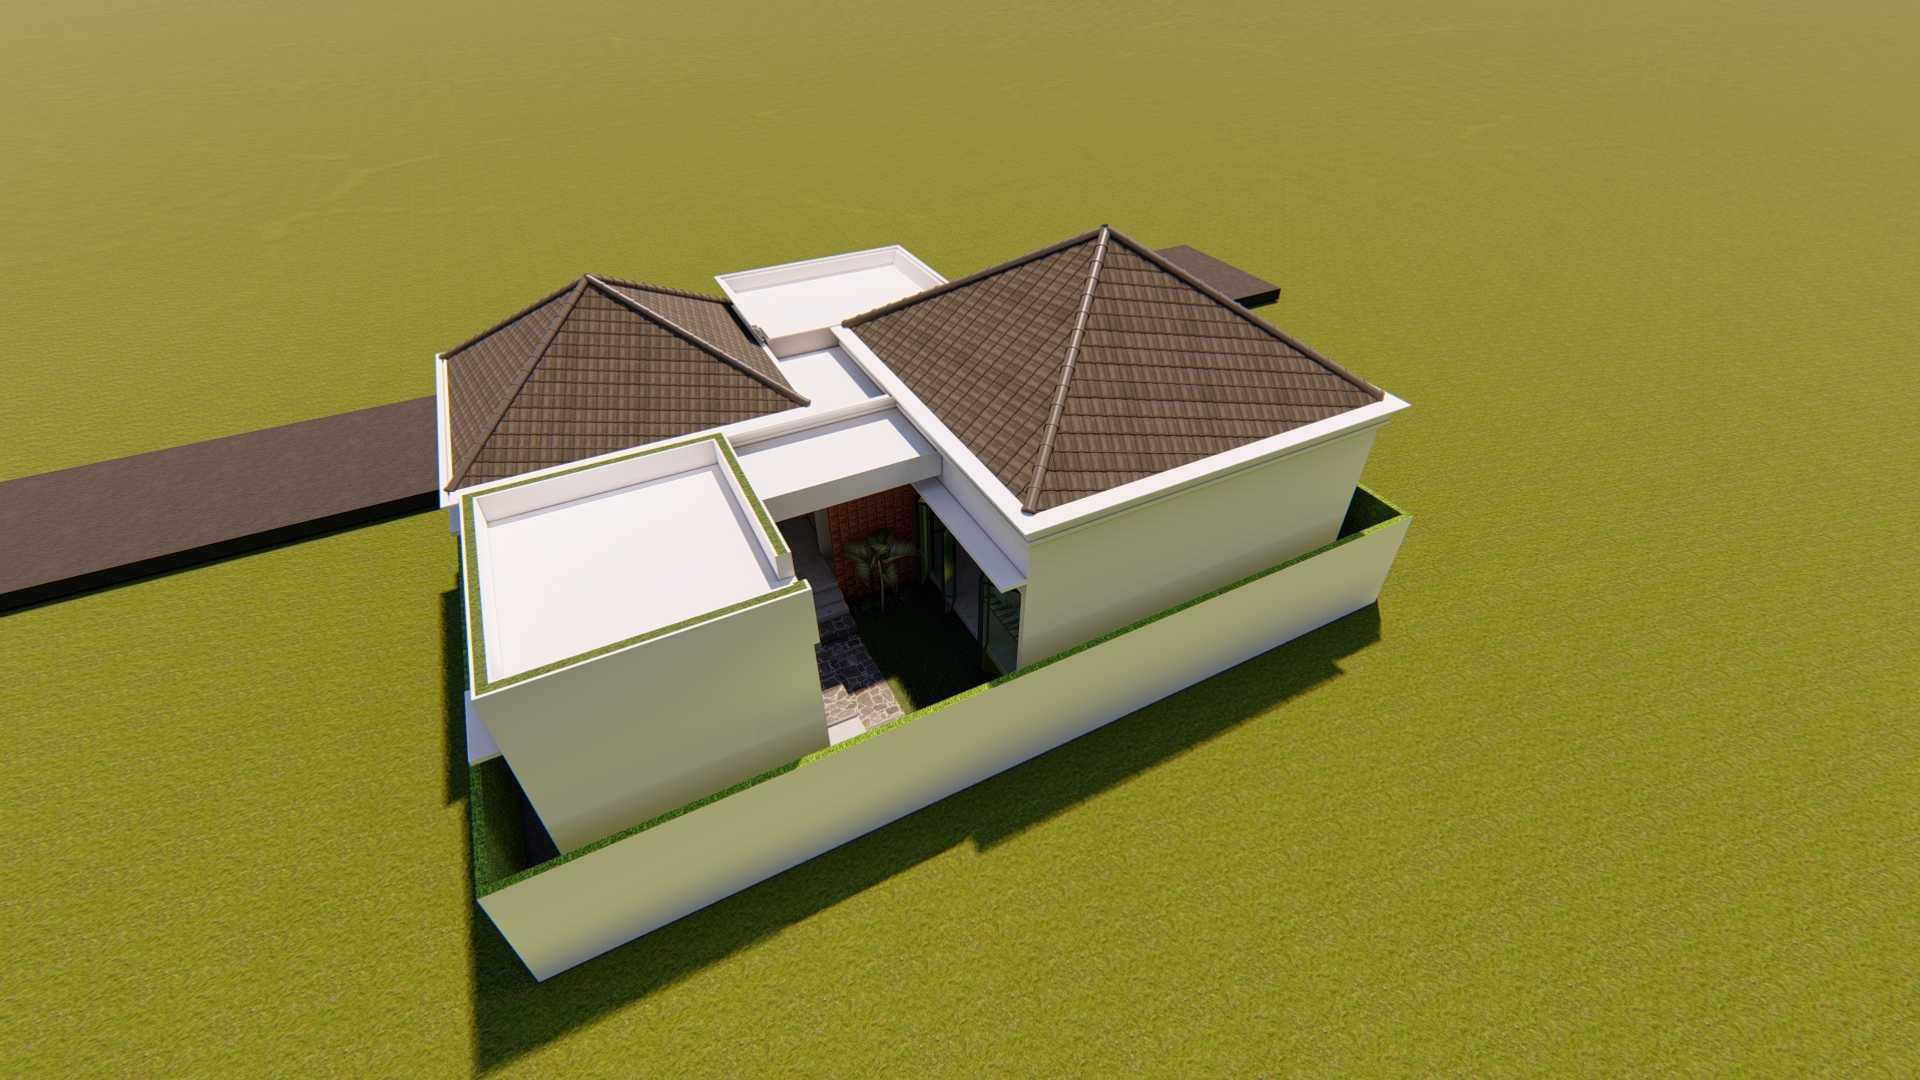 Astabumi Studio Pr House Tegal Tegal, Kota Tegal, Jawa Tengah, Indonesia Yogyakarta Cv-Astabumi-Manunggal-Prakarsa-Jto-Jogja-Trade-Office  119473